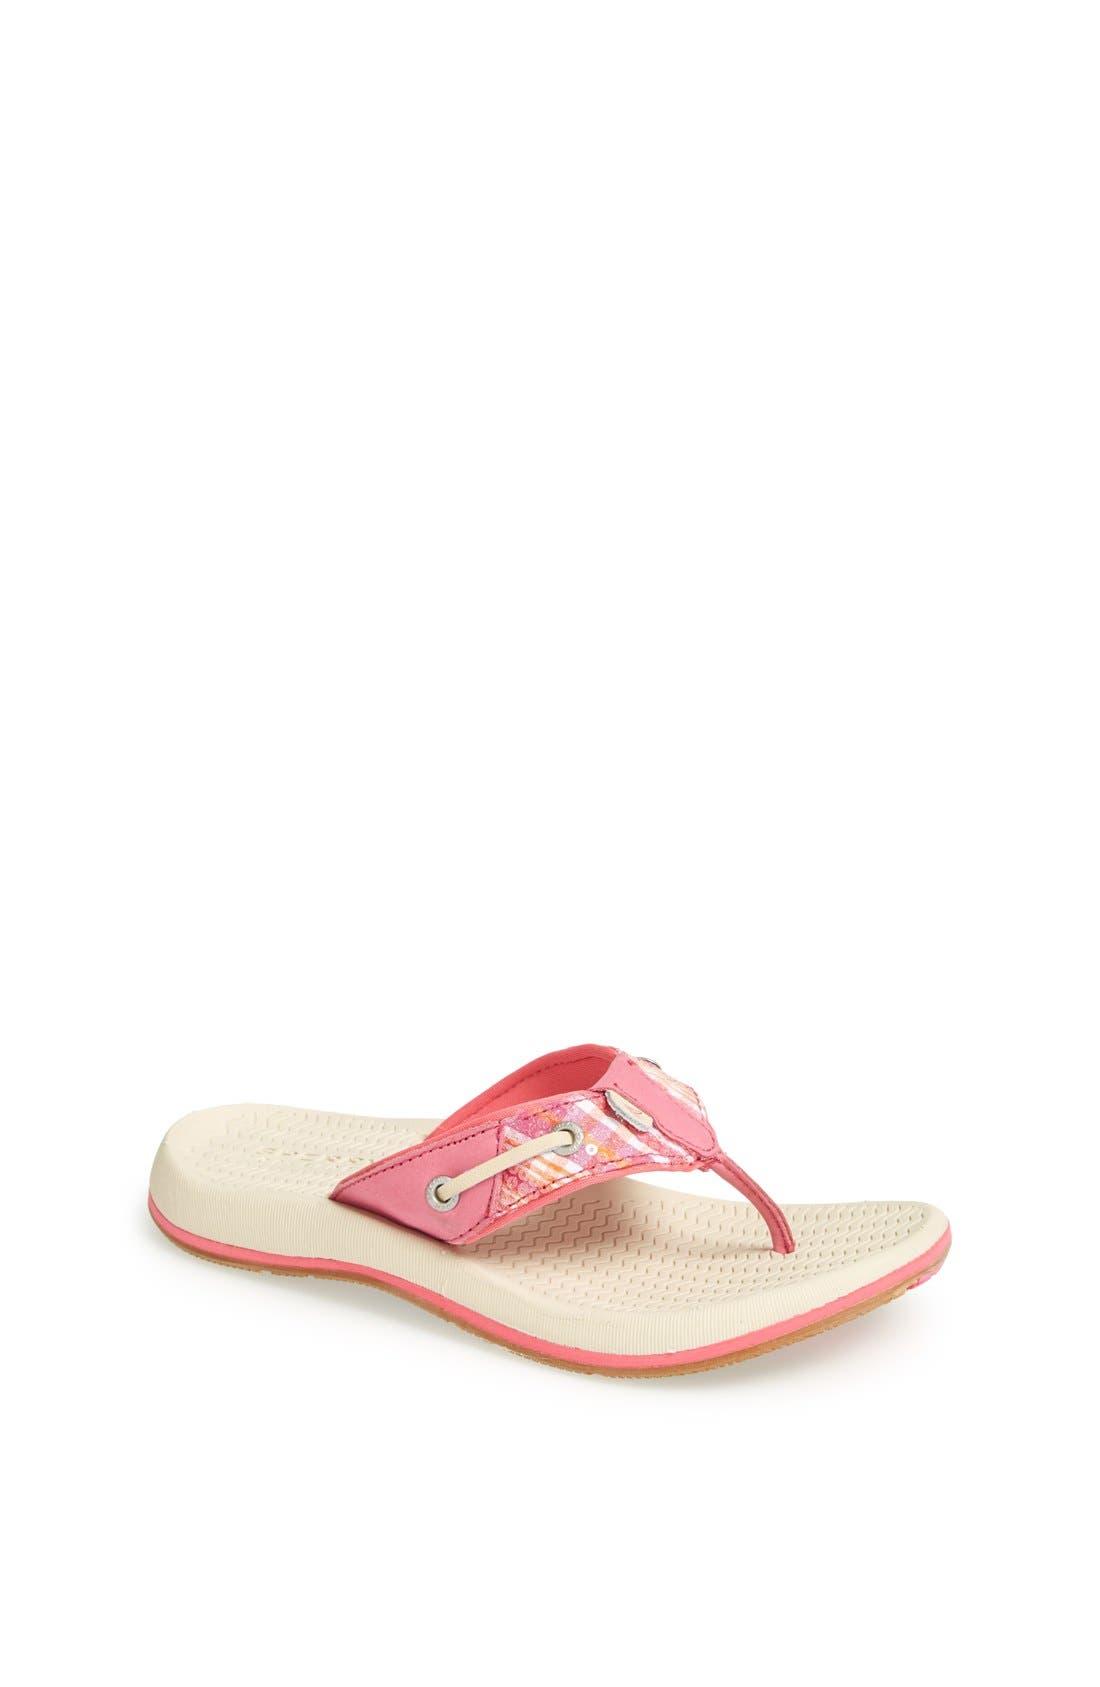 Alternate Image 1 Selected - Sperry Top-Sider® Kids 'Seafish' Sandal (Toddler, Little Kid & Big Kid)